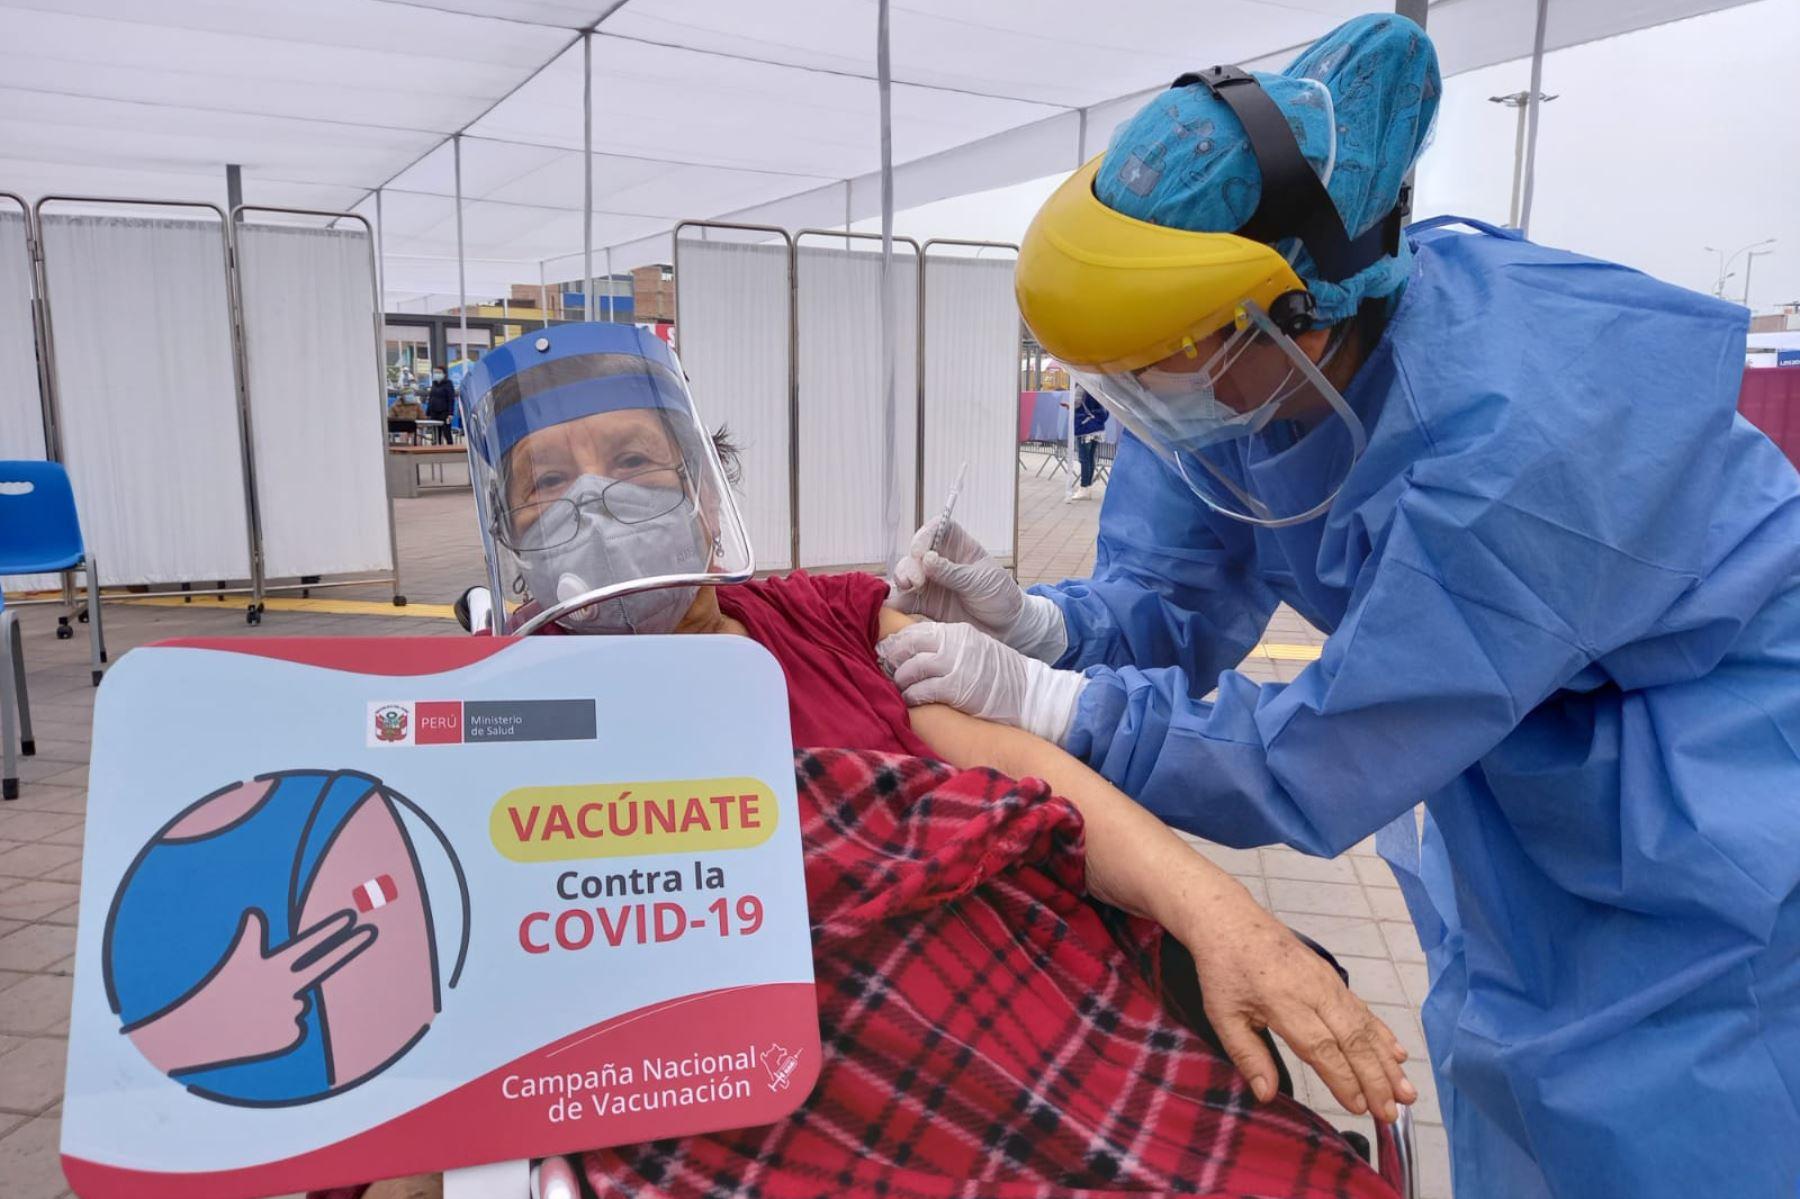 Los equipos de vacunación de la Diris Lima Sur iniciaron la inmunización de la segunda dosis contra la covid-19 a los adultos mayores de 80 años de Chorrillos, San Juan de Miraflores, Villa María Del Triunfo y Villa El Salvador. Foto: ANDINA/@DIRISLimaSur